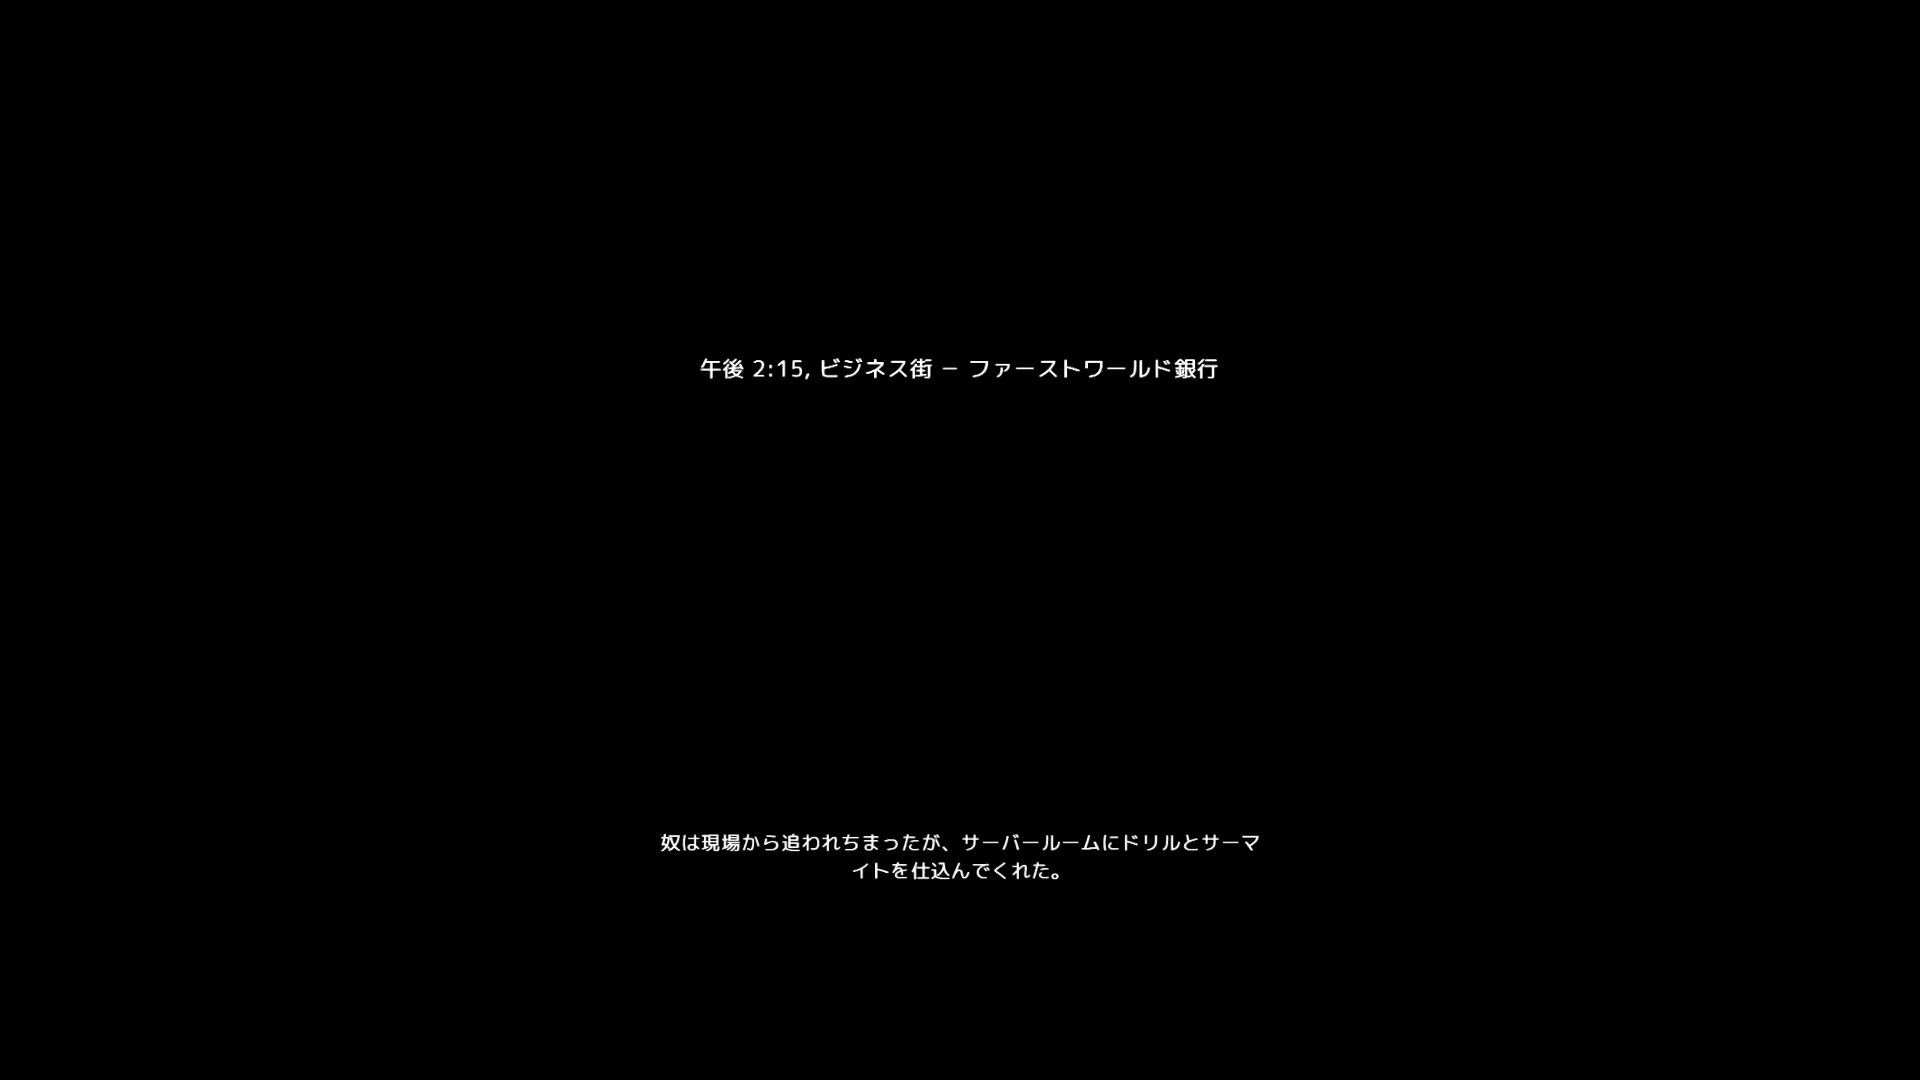 PC ゲーム Payday: The Heist 日本語化とゲームプレイ最適化メモ、PC ゲーム Payday: The Heist 日本語化手順、Payday: The Heist 日本語化(日本語化 MOD ver.1.3)スクリーンショット